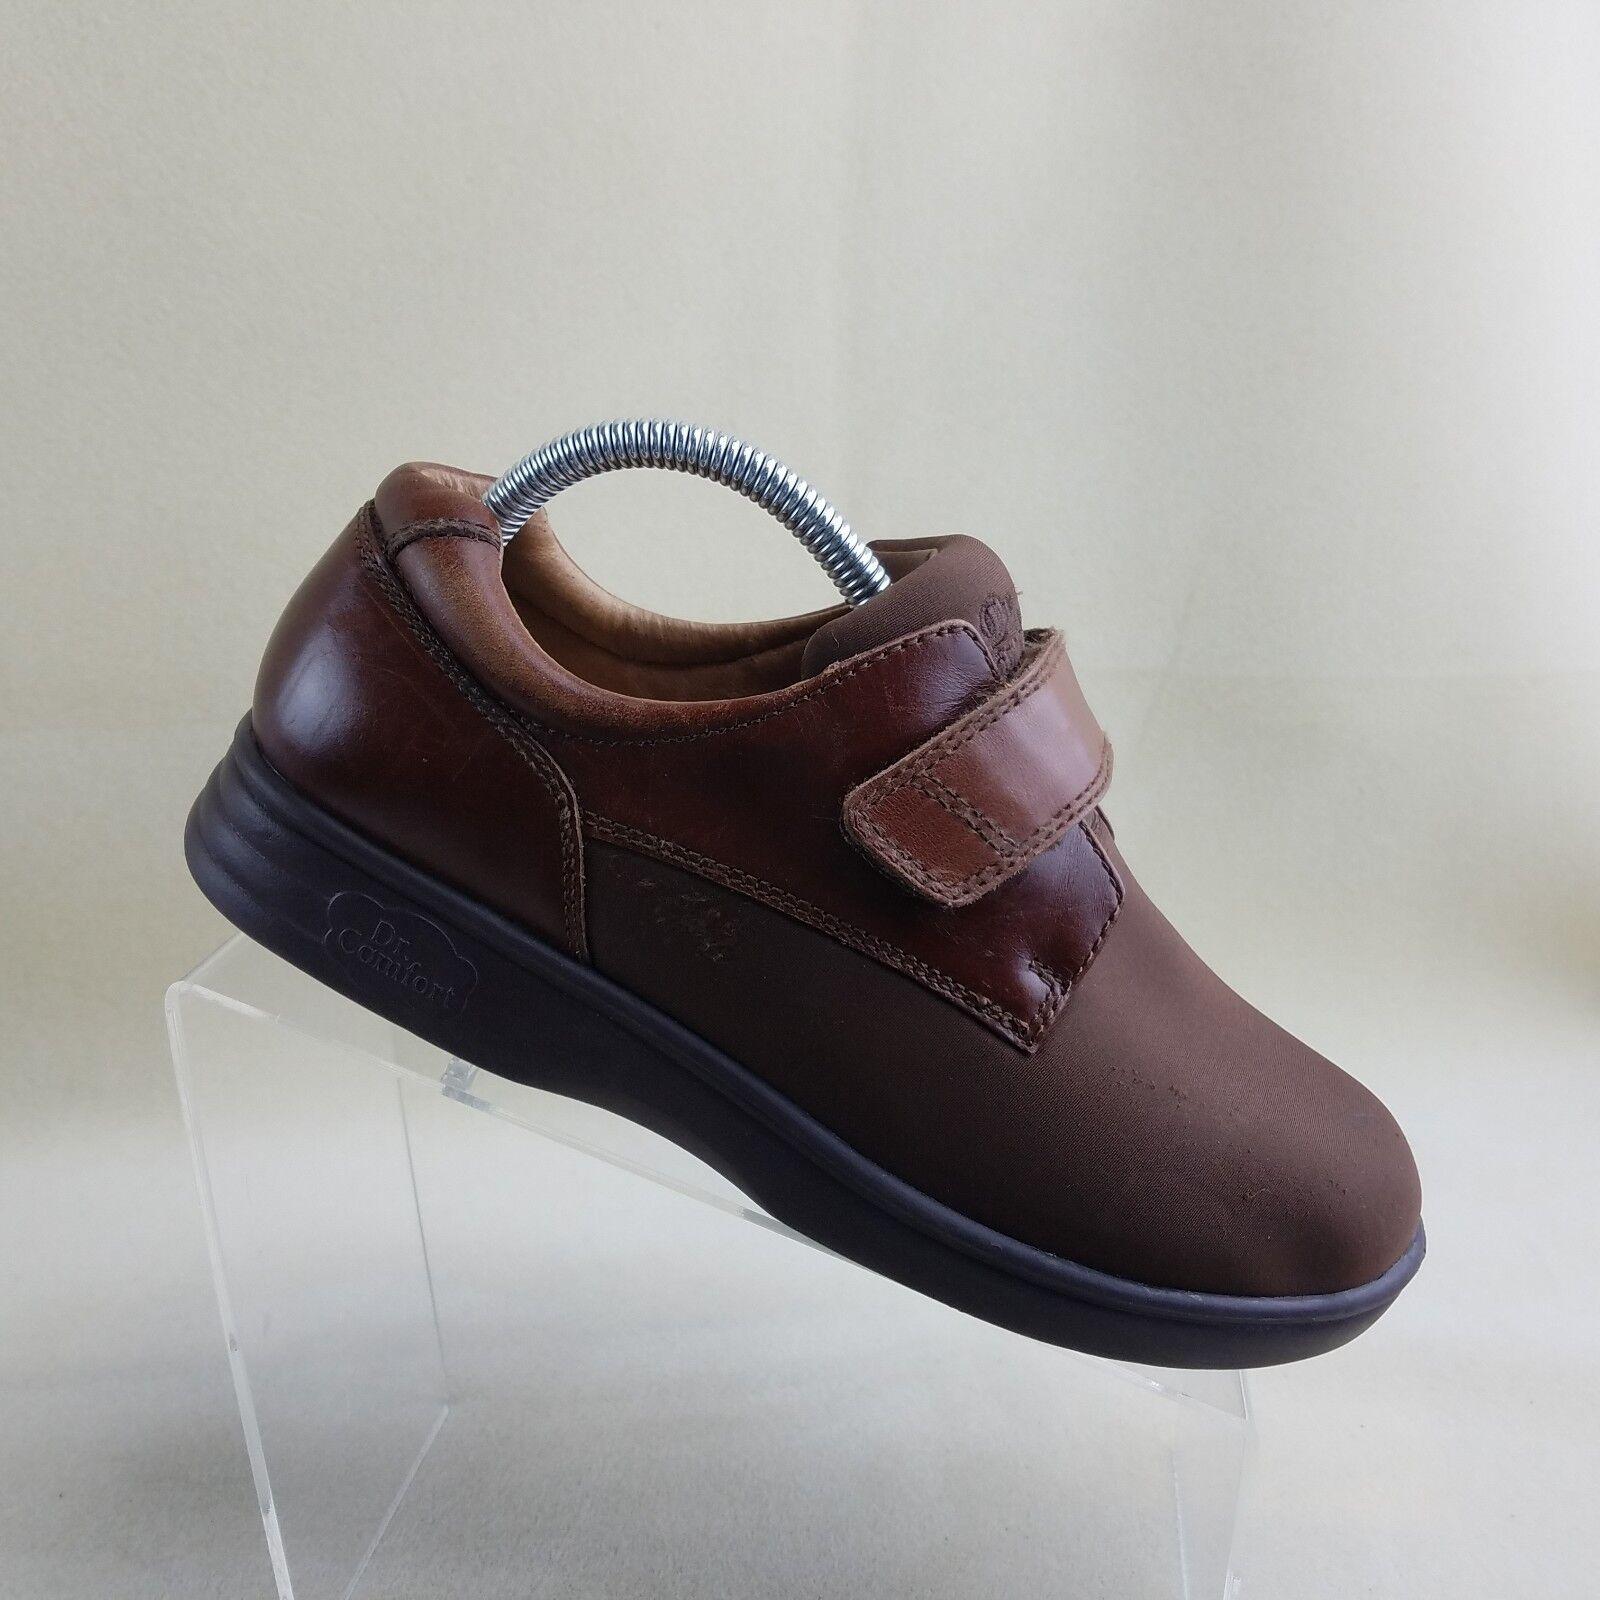 le dr confort  s 150  150 s annie 4520 Marron  diabétique 9.5w # g75 chaussures orthopédiques sz d6ac40